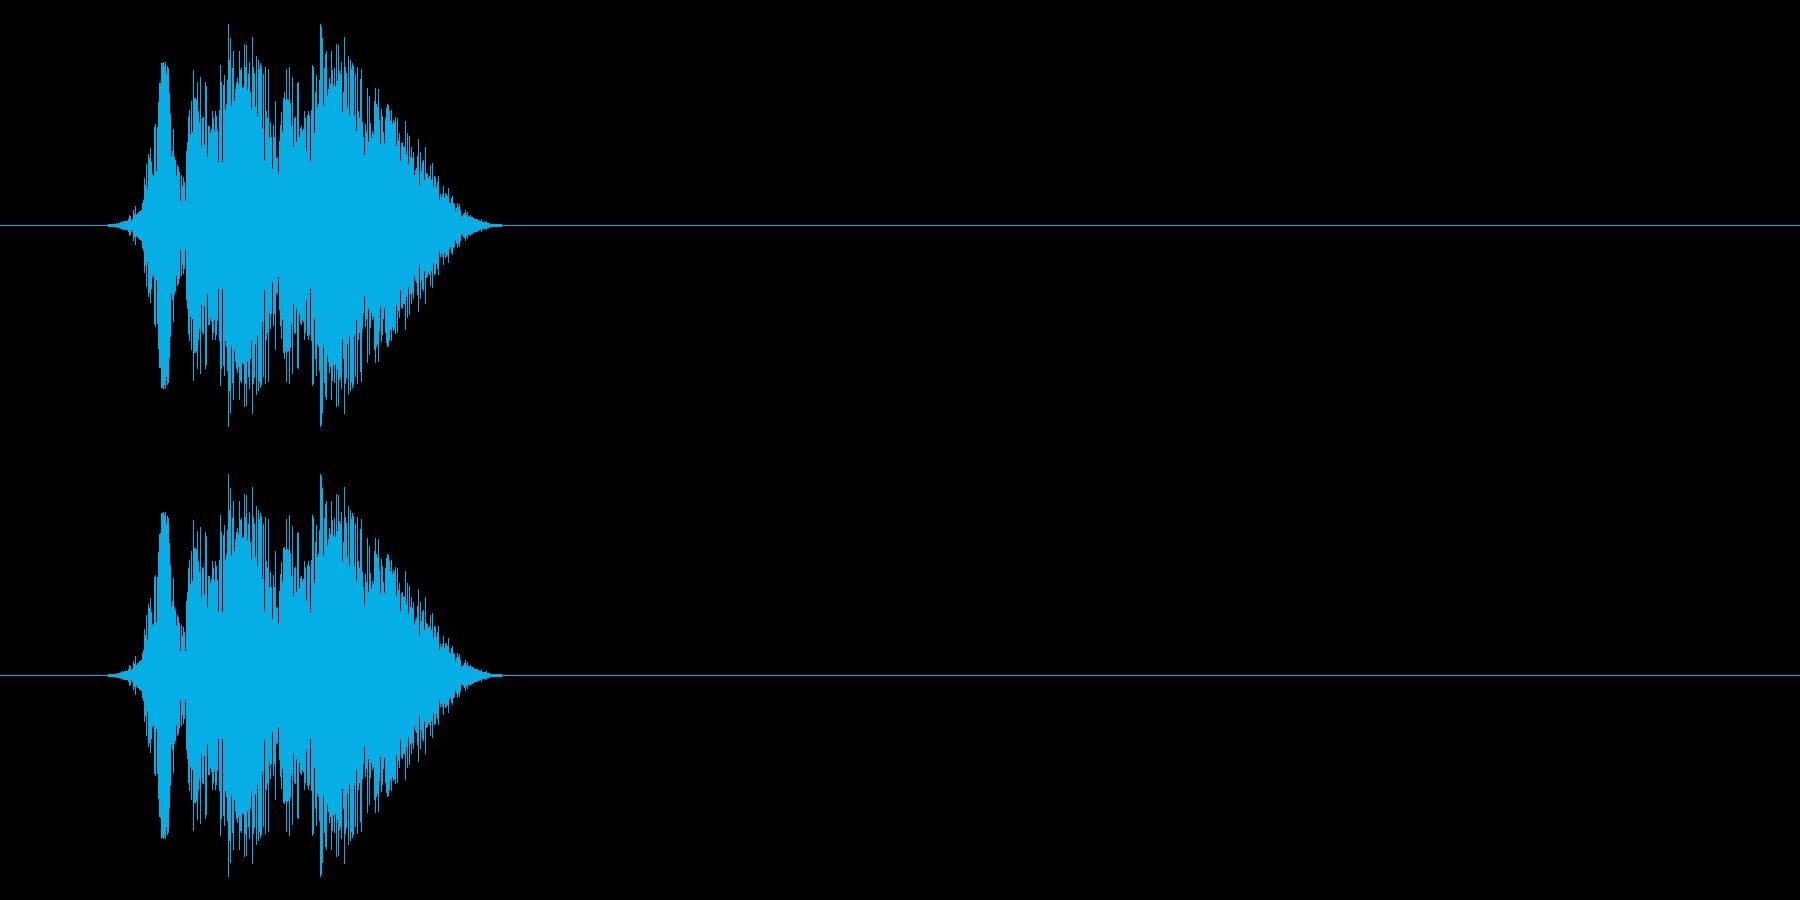 打撃06-4の再生済みの波形